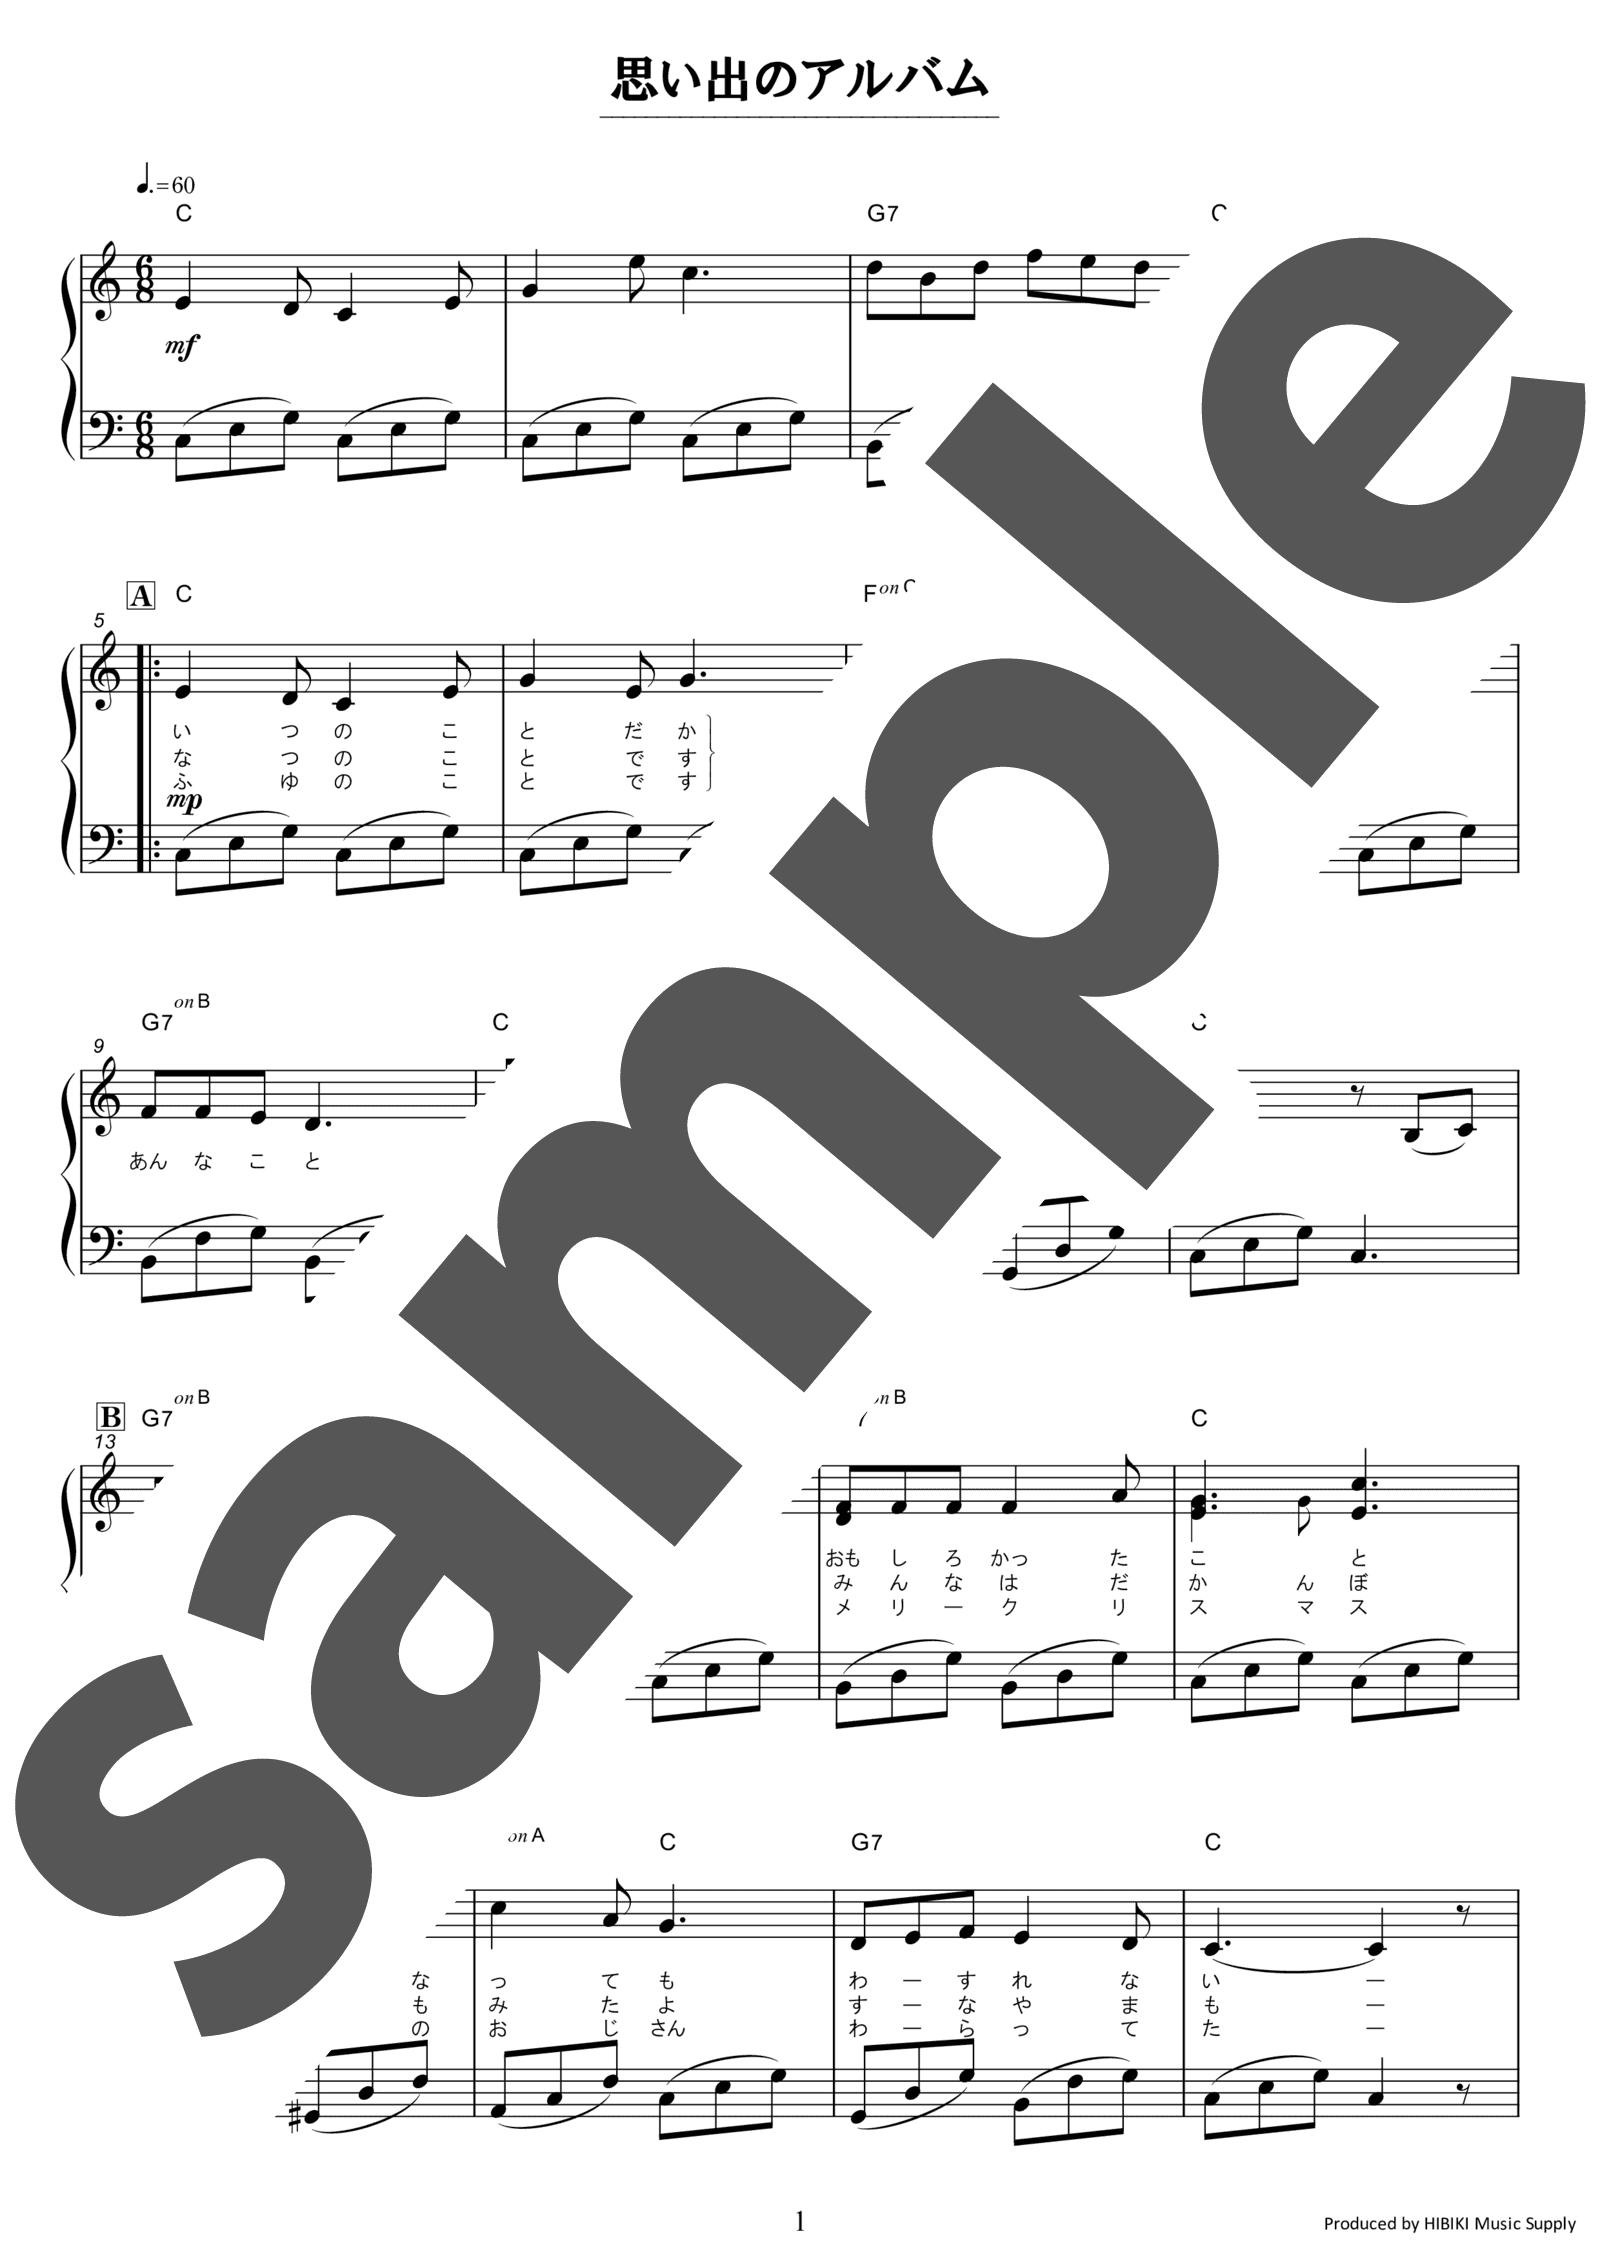 「思い出のアルバム」のサンプル楽譜